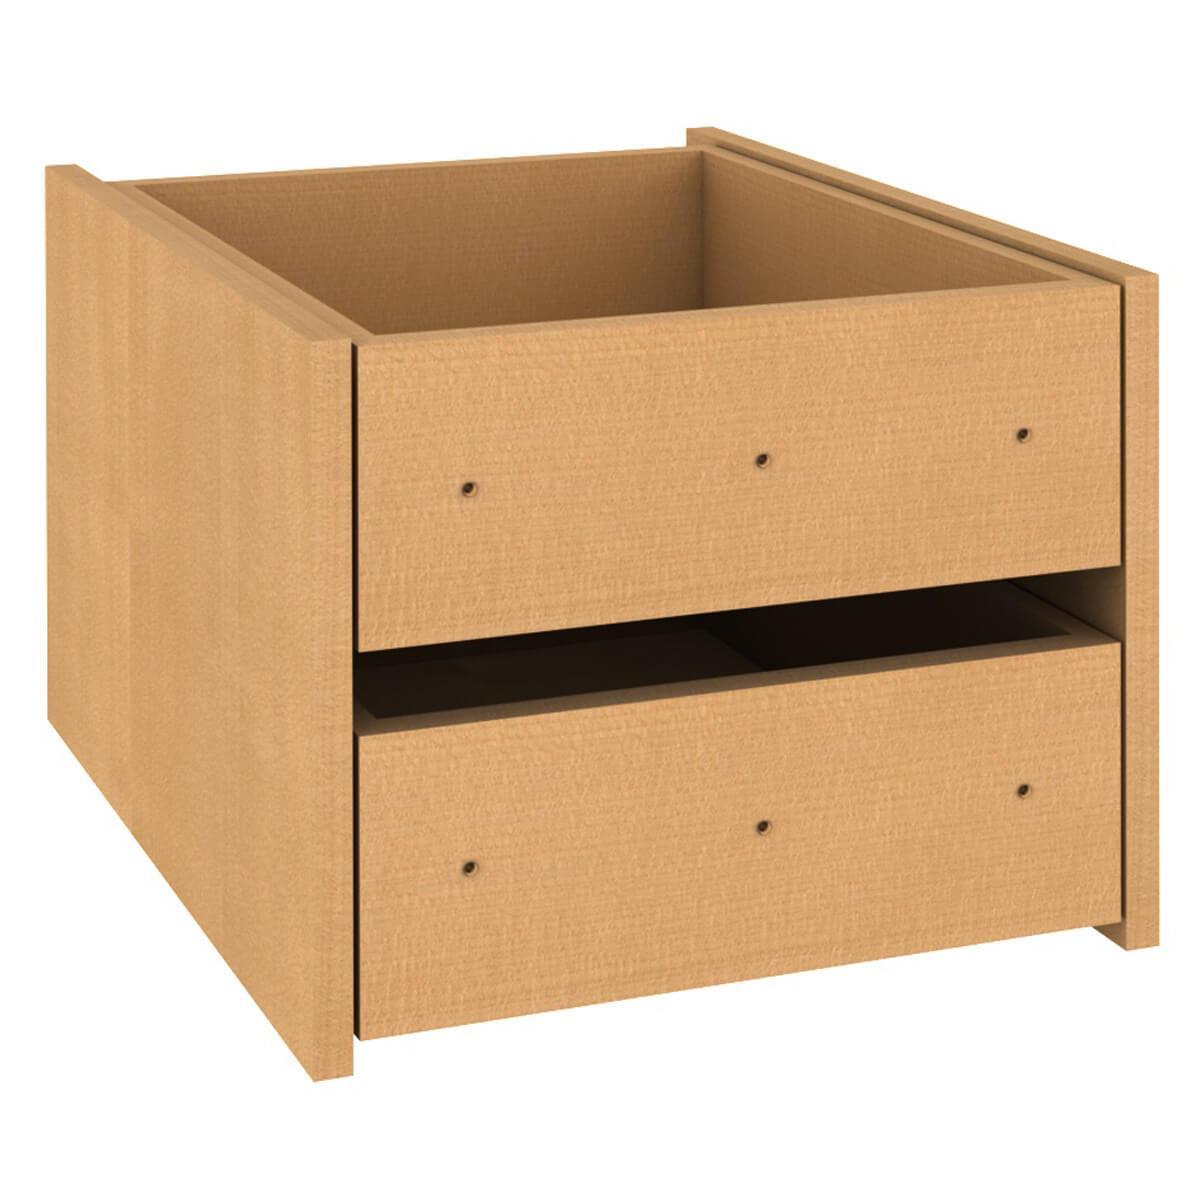 Kleiderschrank-Schubladen 2er-Set  Einbau-Schubkasten DESTYLE de Breuyn Buchenfurnierte Spanplatte natur-geölt